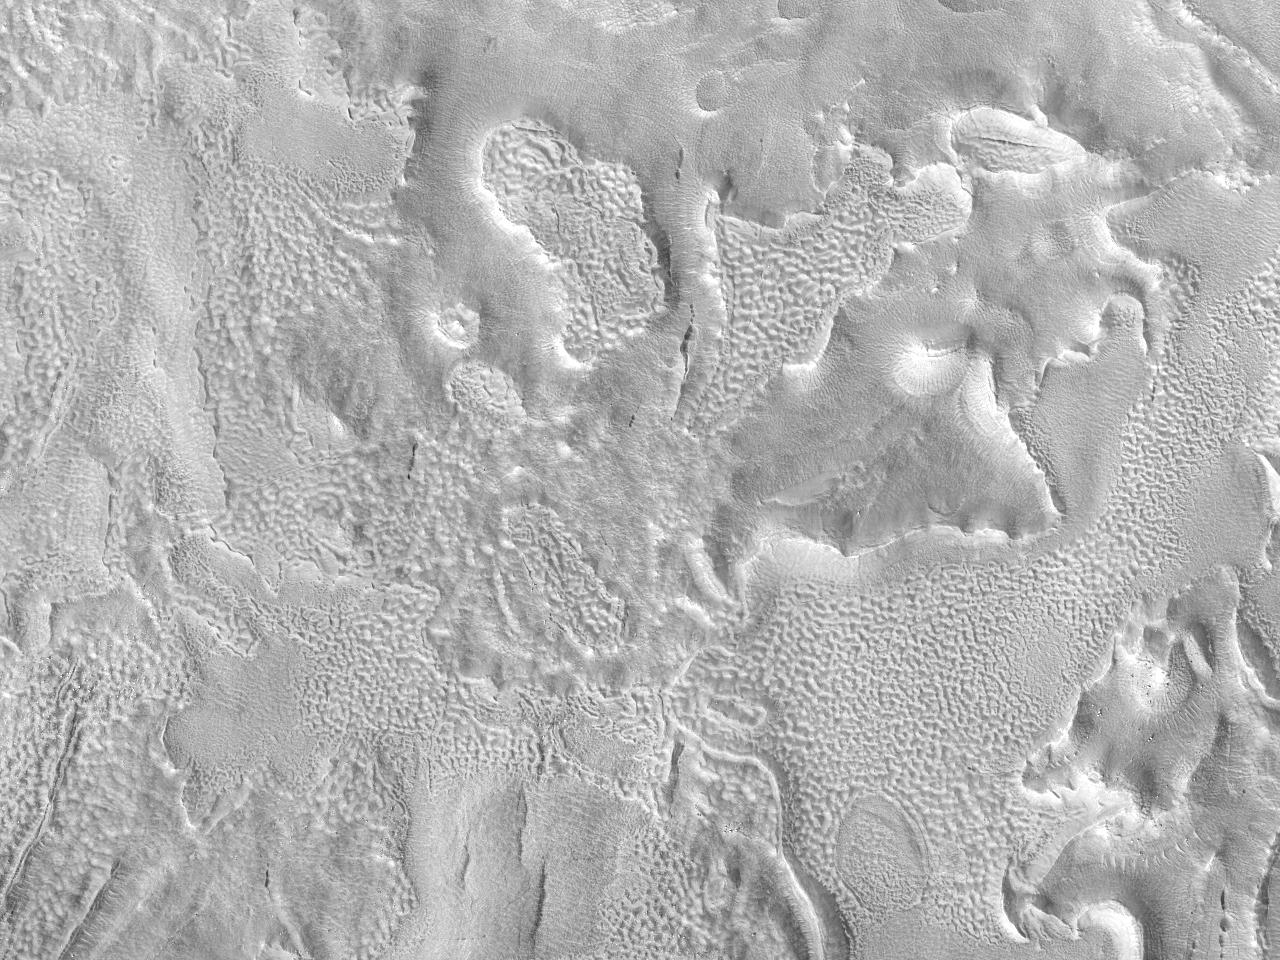 Tykk kant av et nedslagskrater ved Protonilus Mensae